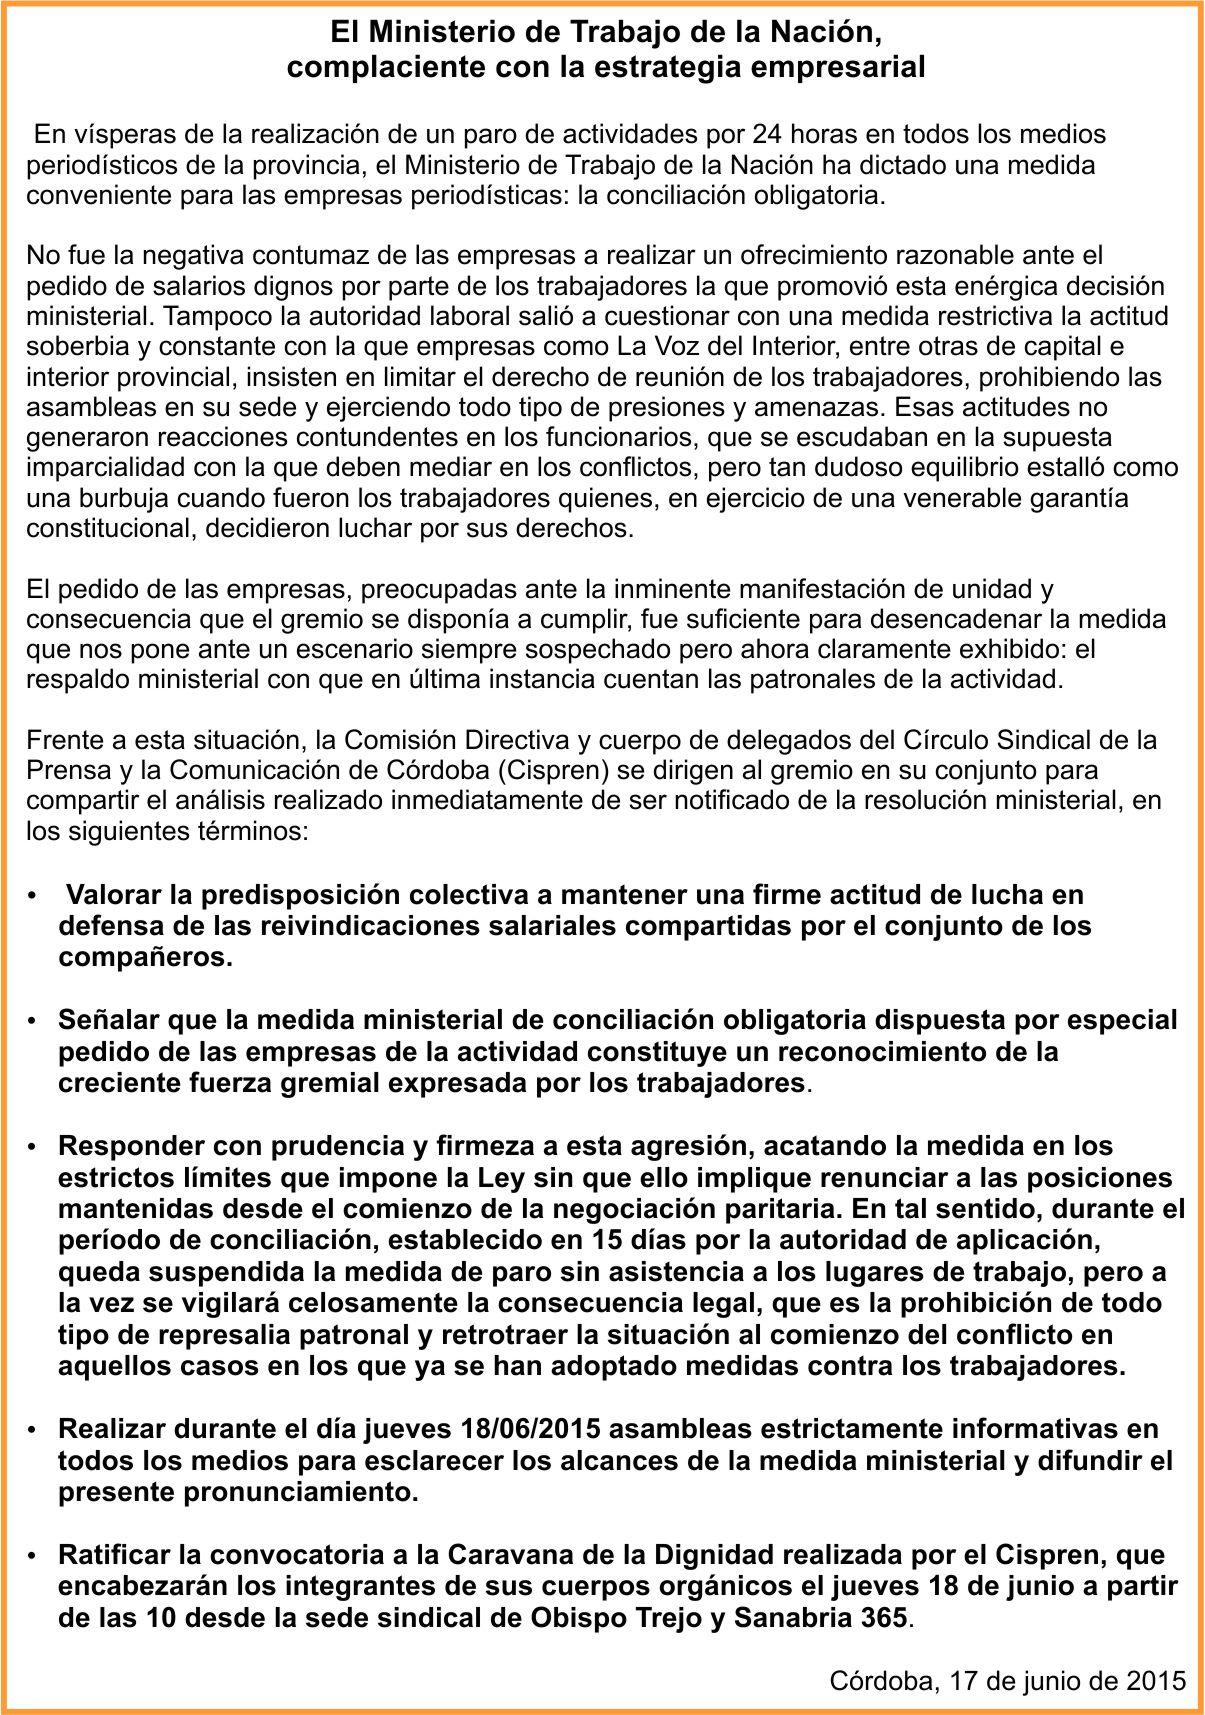 Paritarias Prensa | El Ministerio de Trabajo de la Nación, complaciente con la estrategia empresarial, dictó conciliación obligatoria